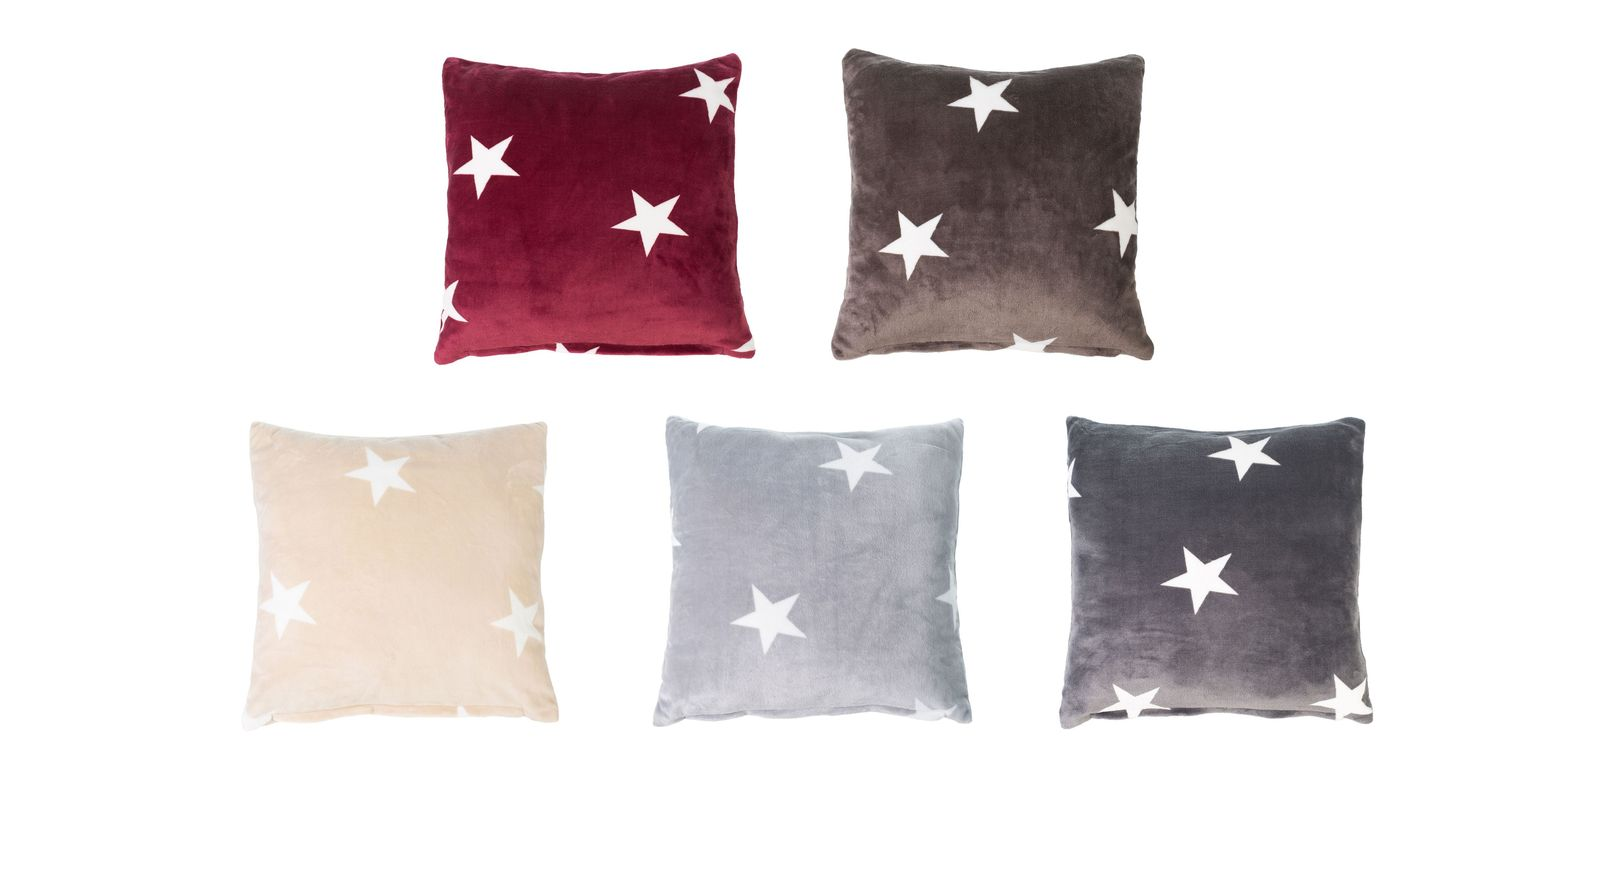 Dekokissen Sternenregen in vielen Farben erhältlich